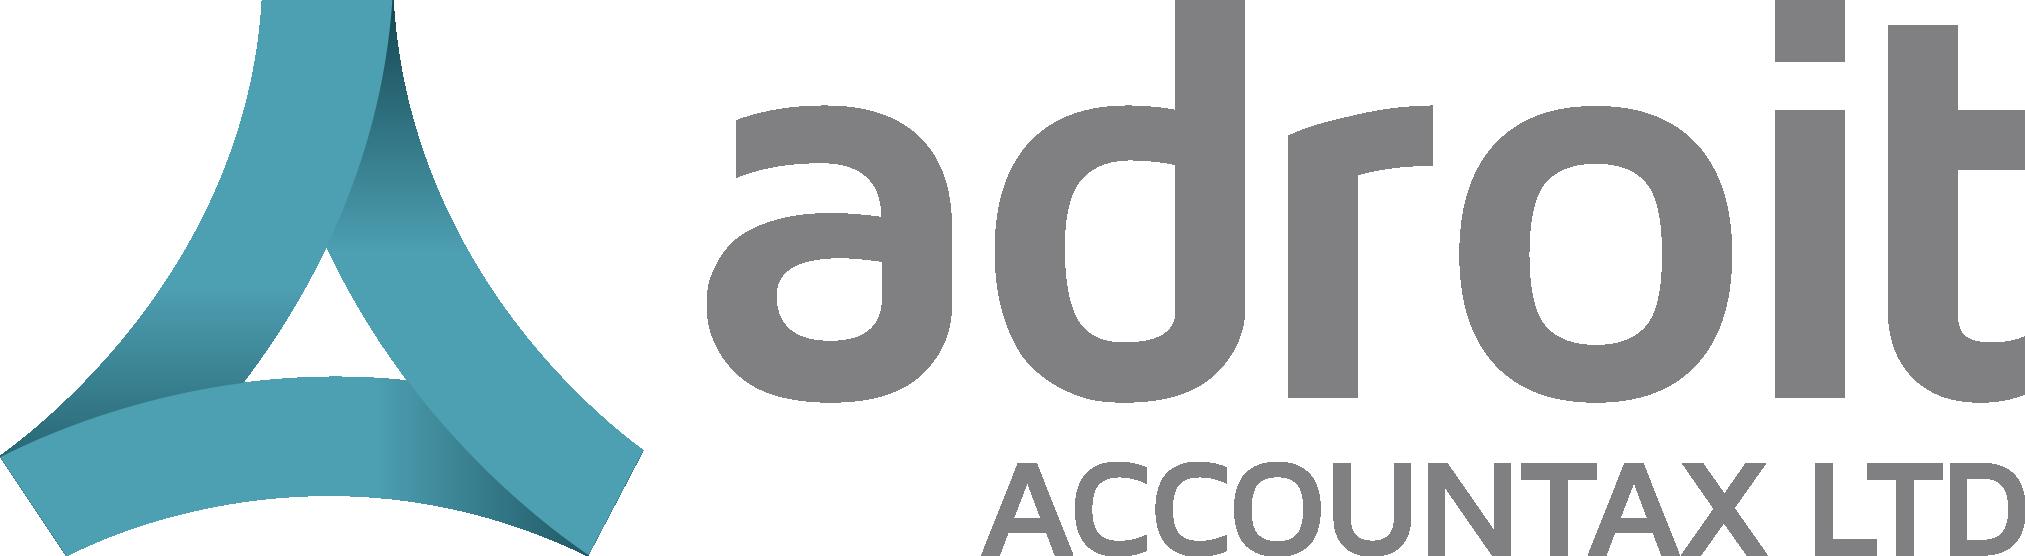 Adroit Accountax Ltd Logo